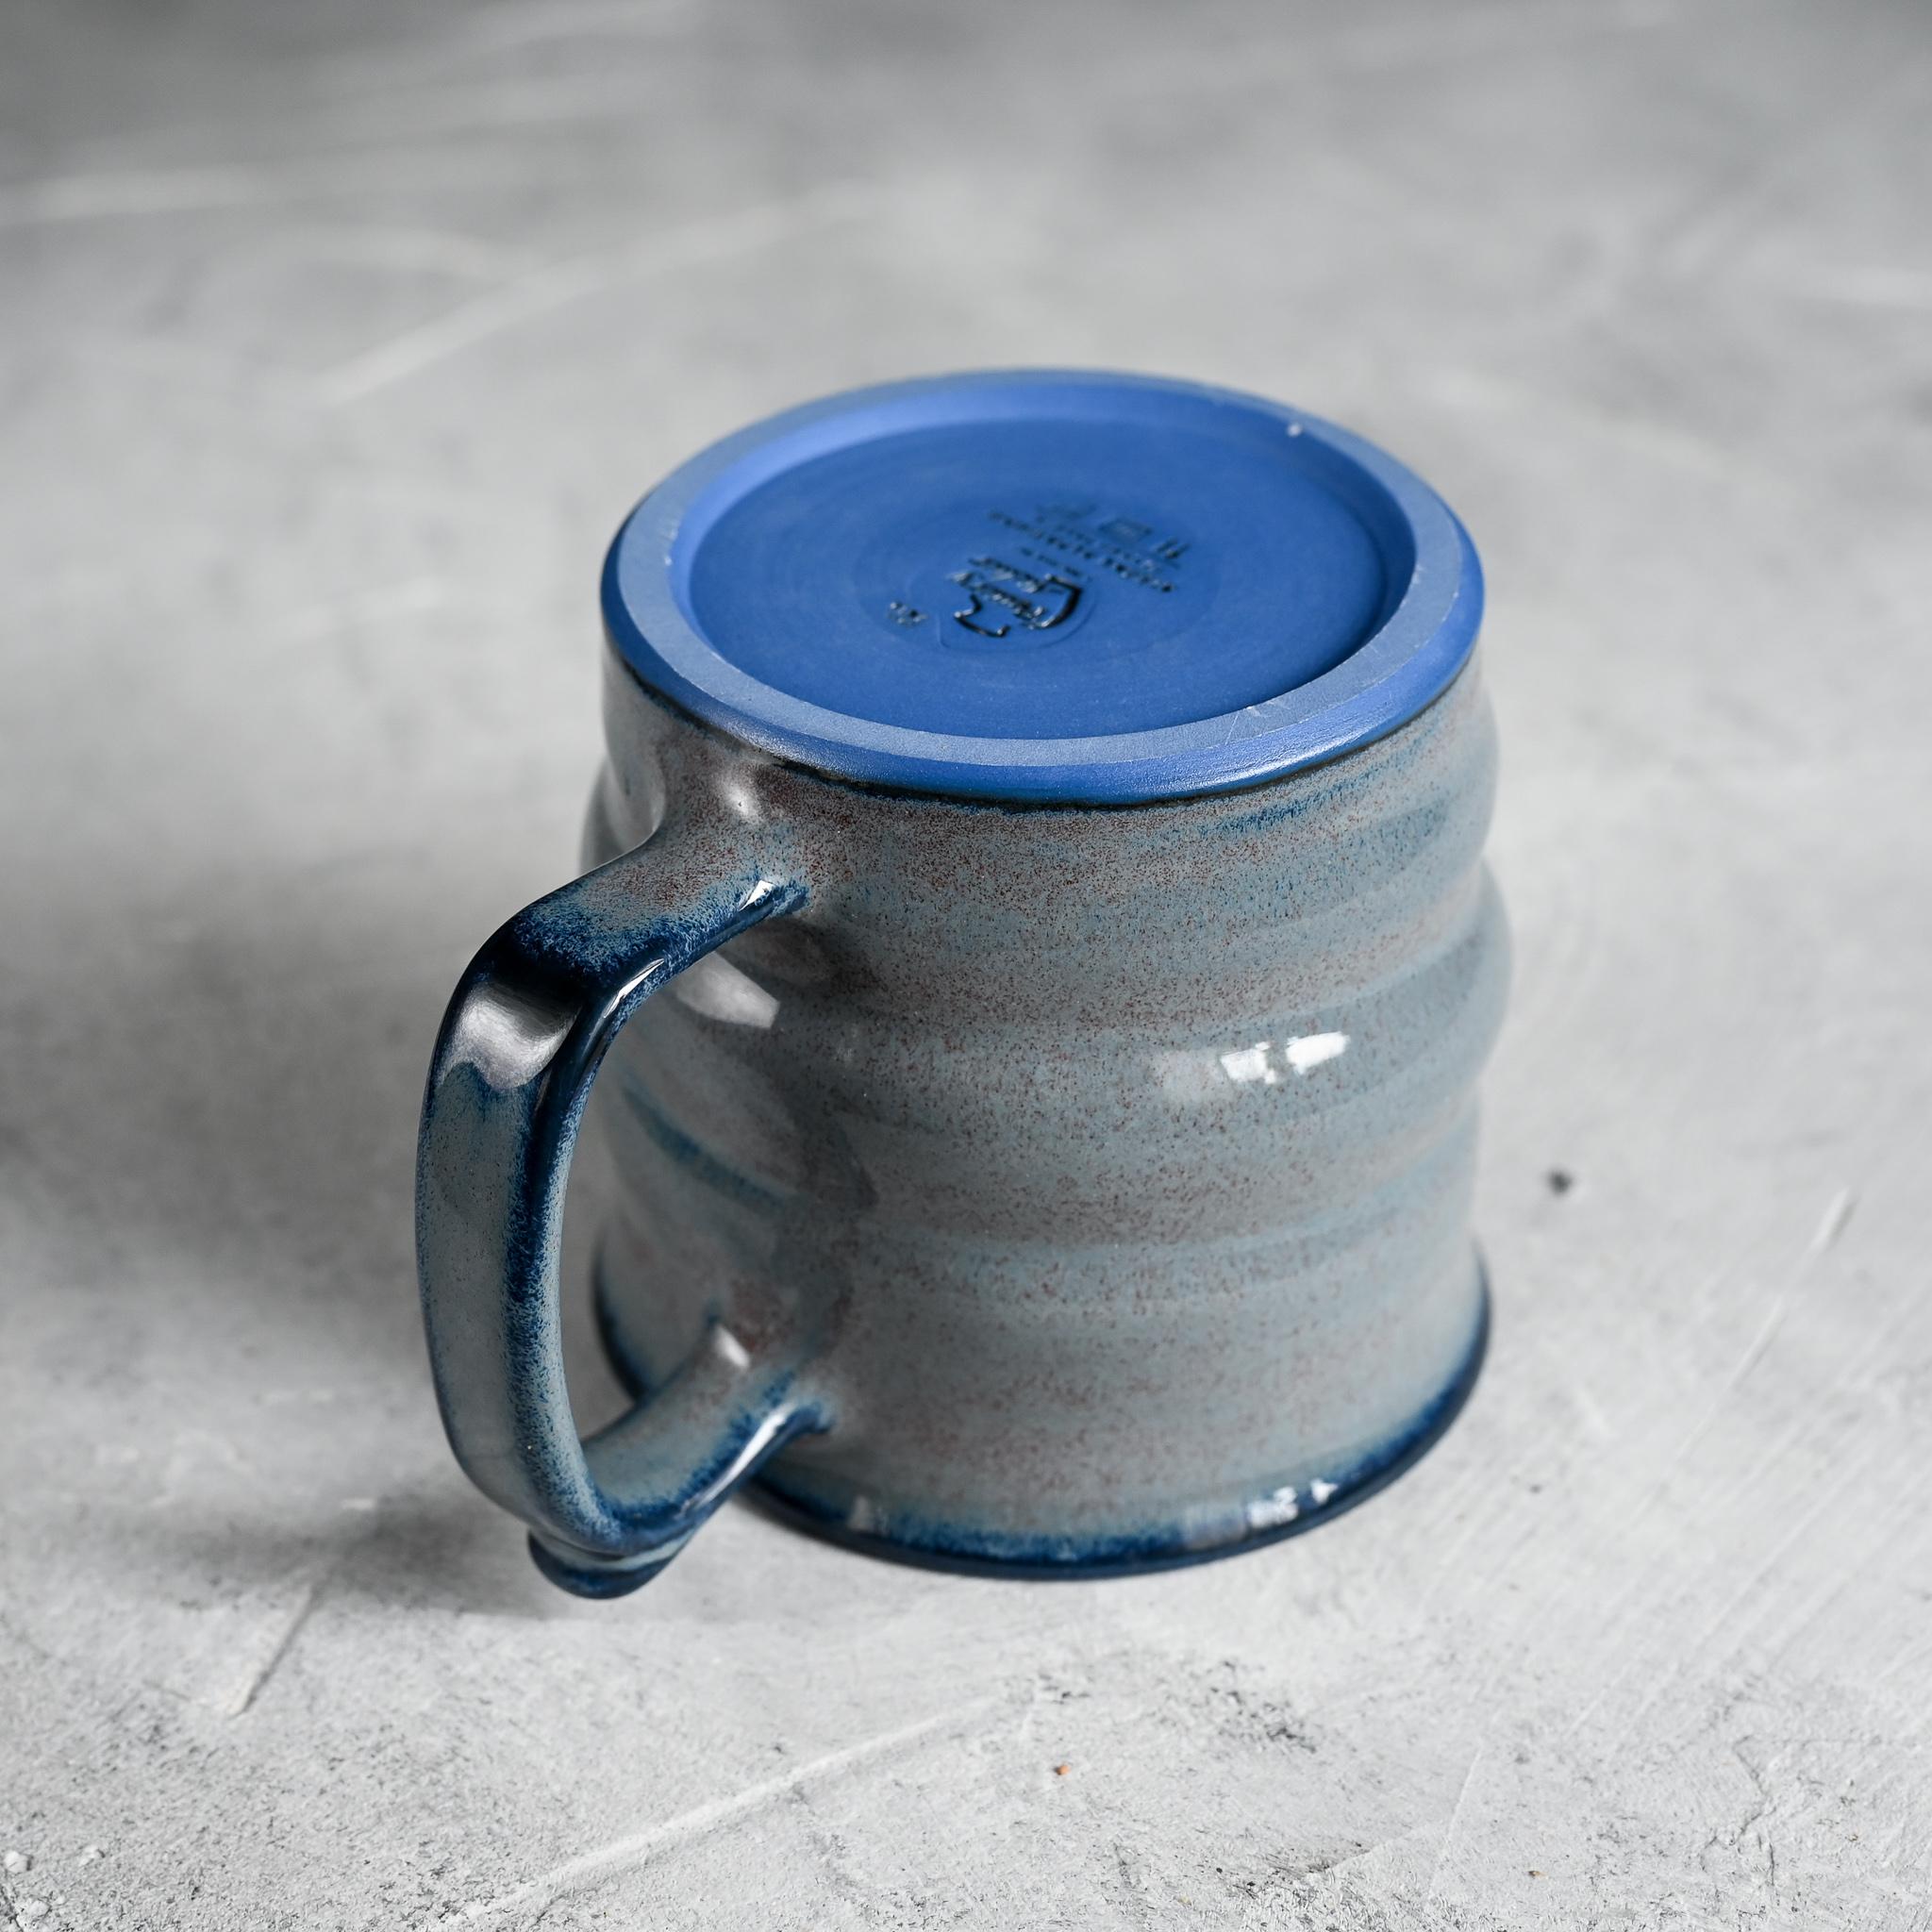 картинка Кружка из синего фарфора большая лиловая - DishWishes.Ru